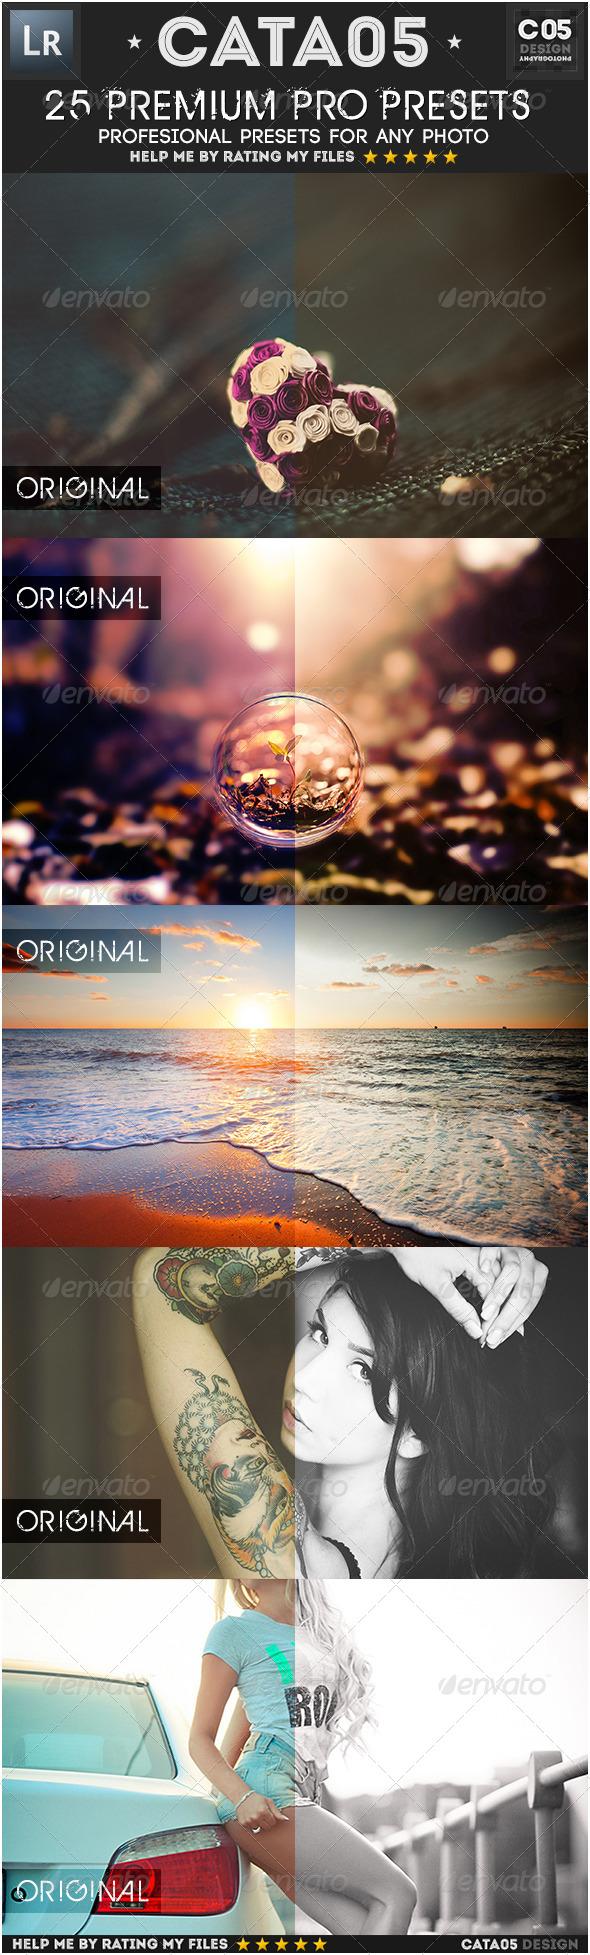 GraphicRiver 25 Premium Pro Presets 7342201